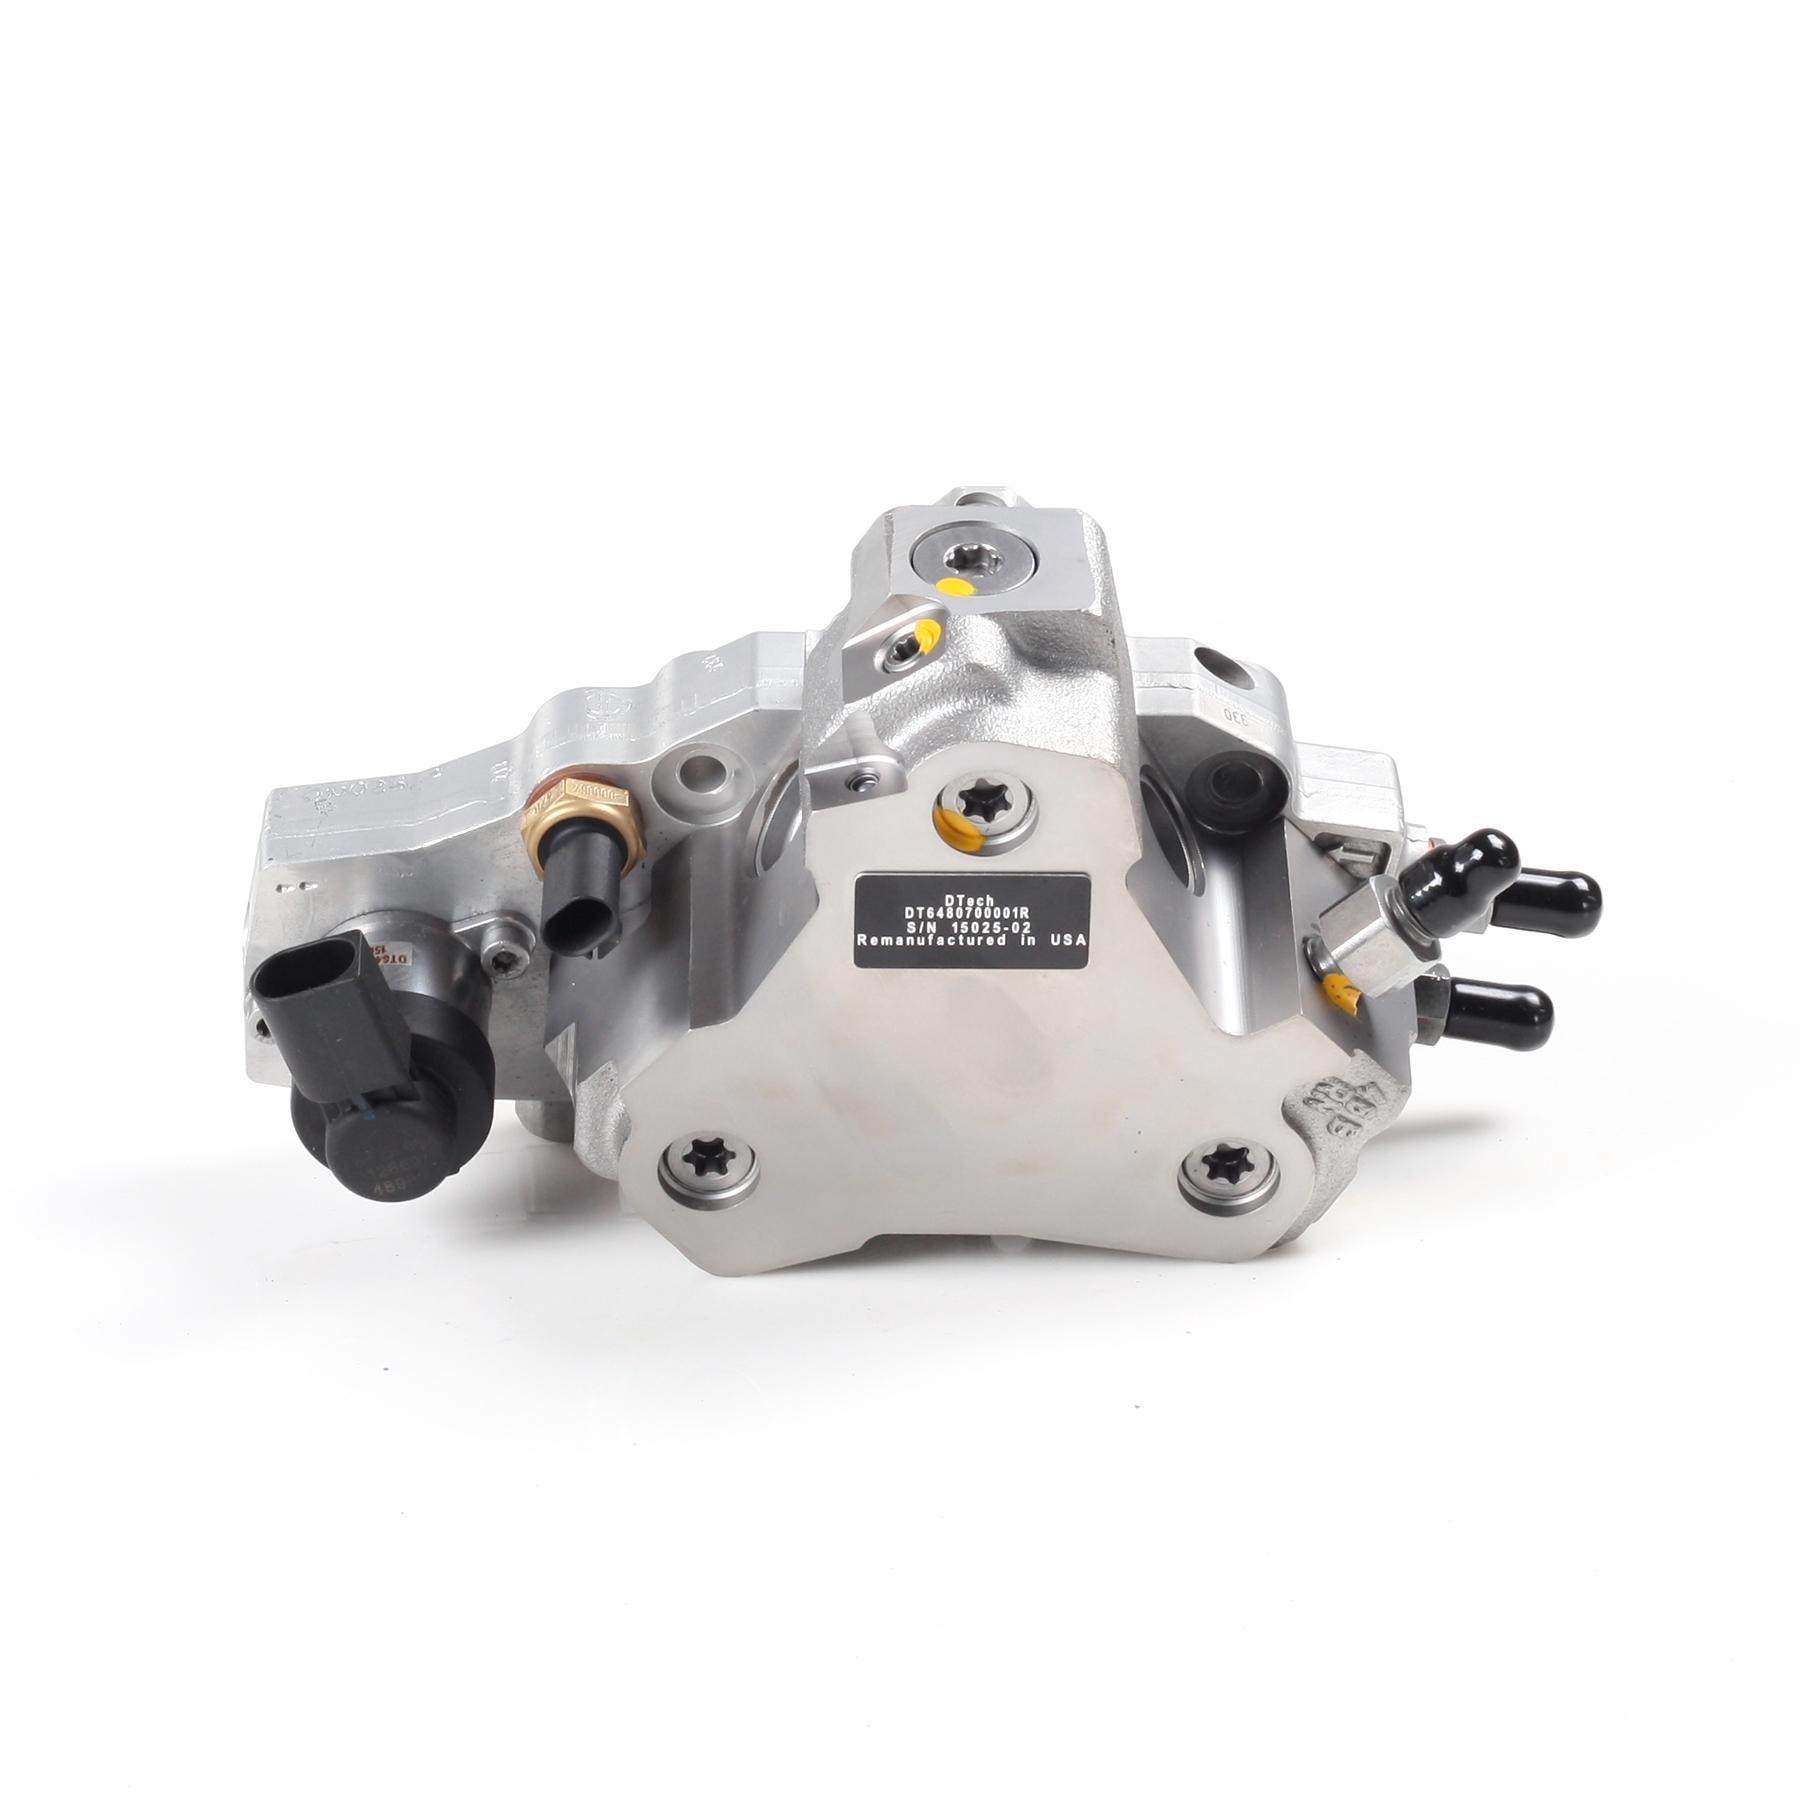 Rebuilt Diesel Fuel Injector 04-06 Dodge Freightliner Sprinter 2500 3500 OM647